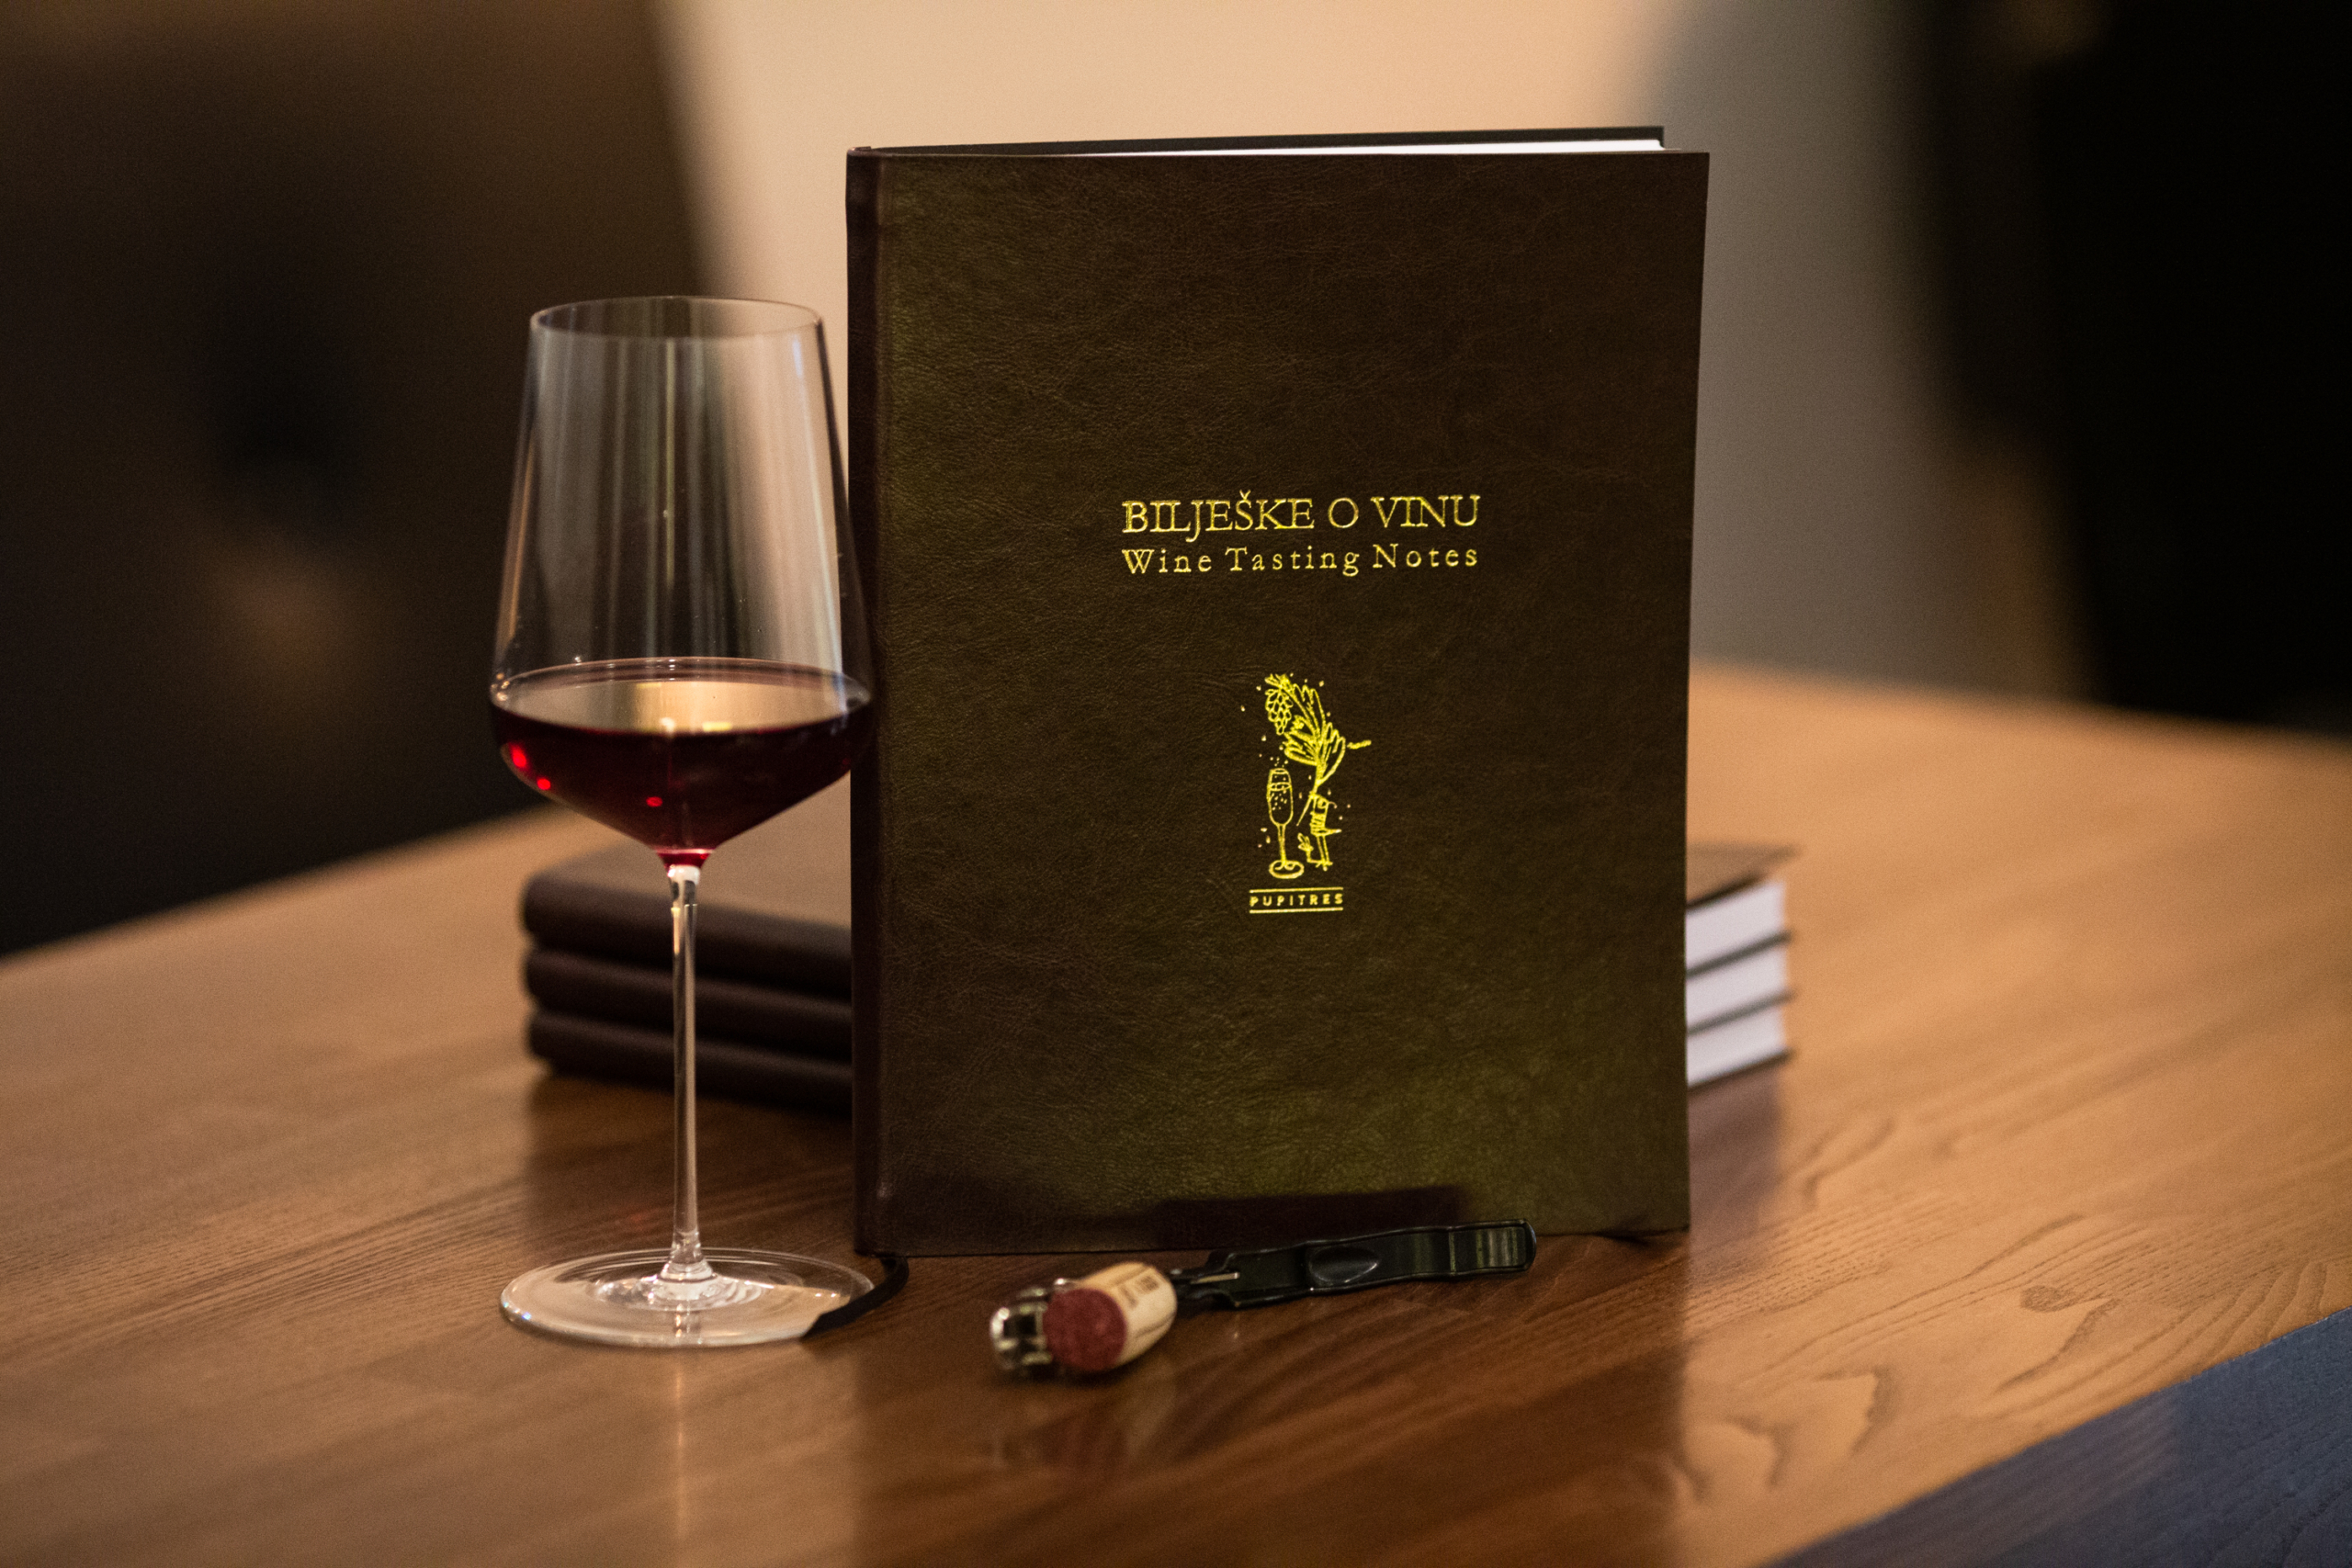 bilješke o vinu pupitres